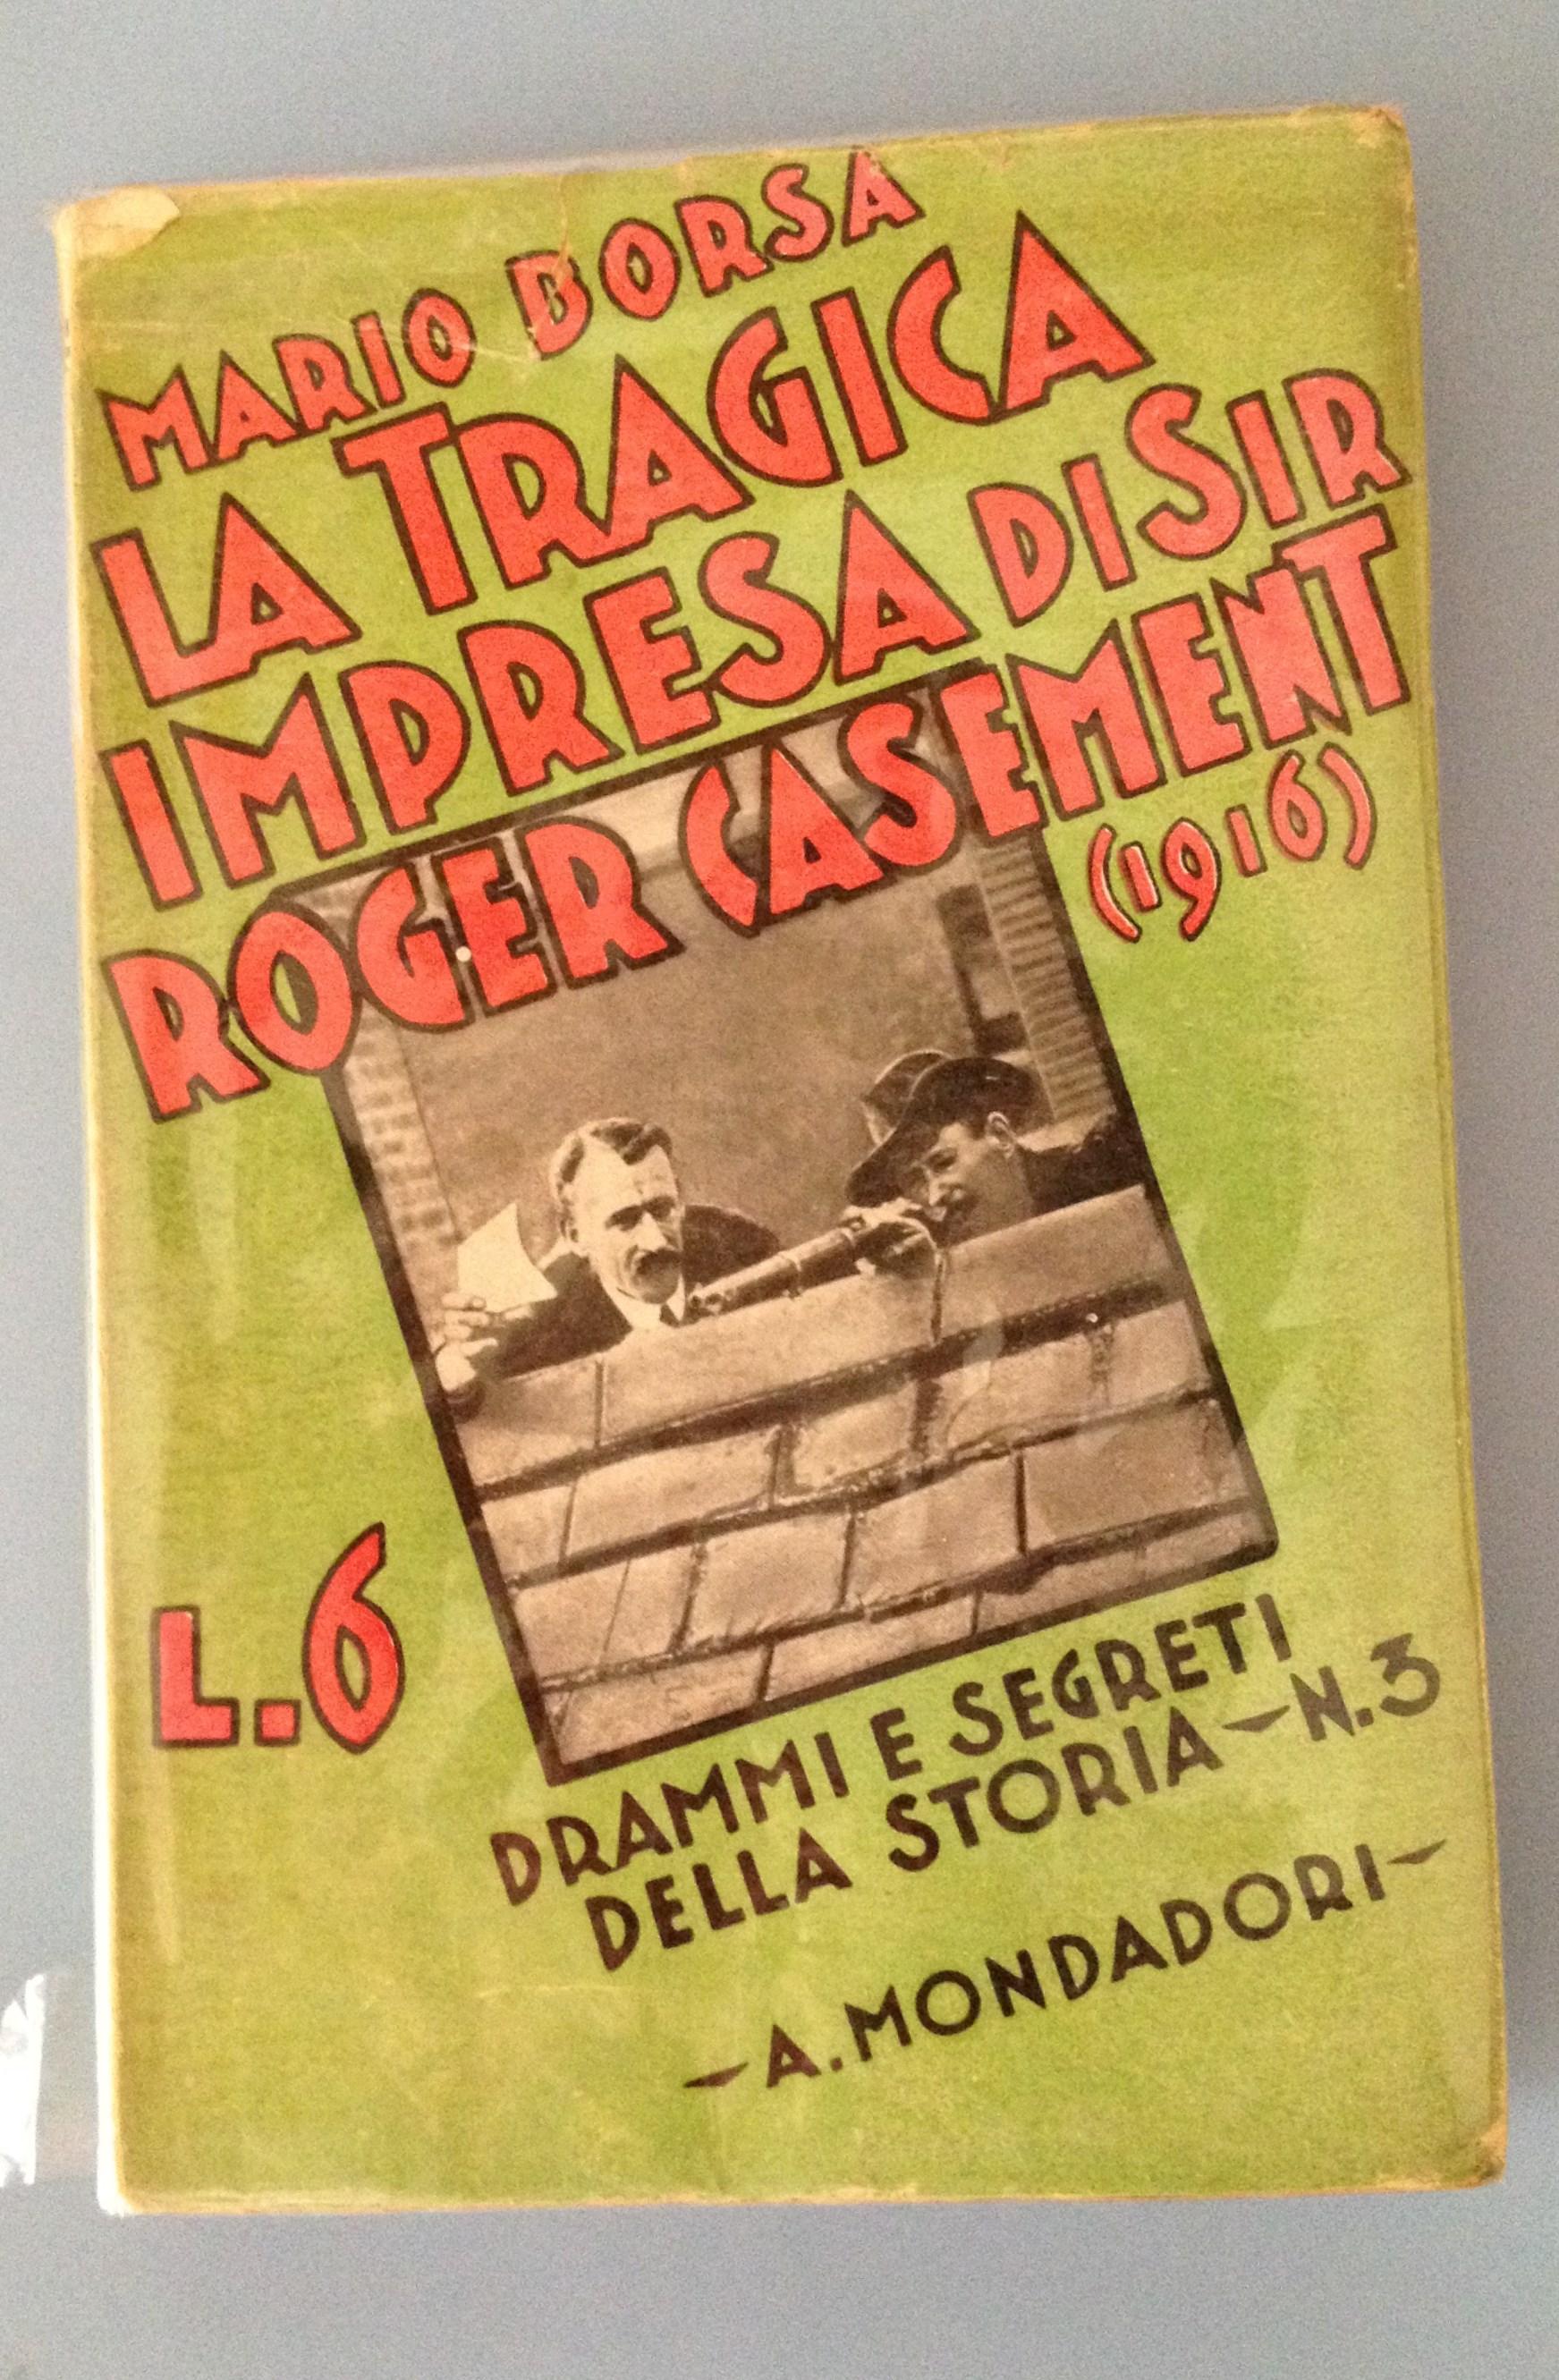 La tragica impresa di Sir Roger Casement